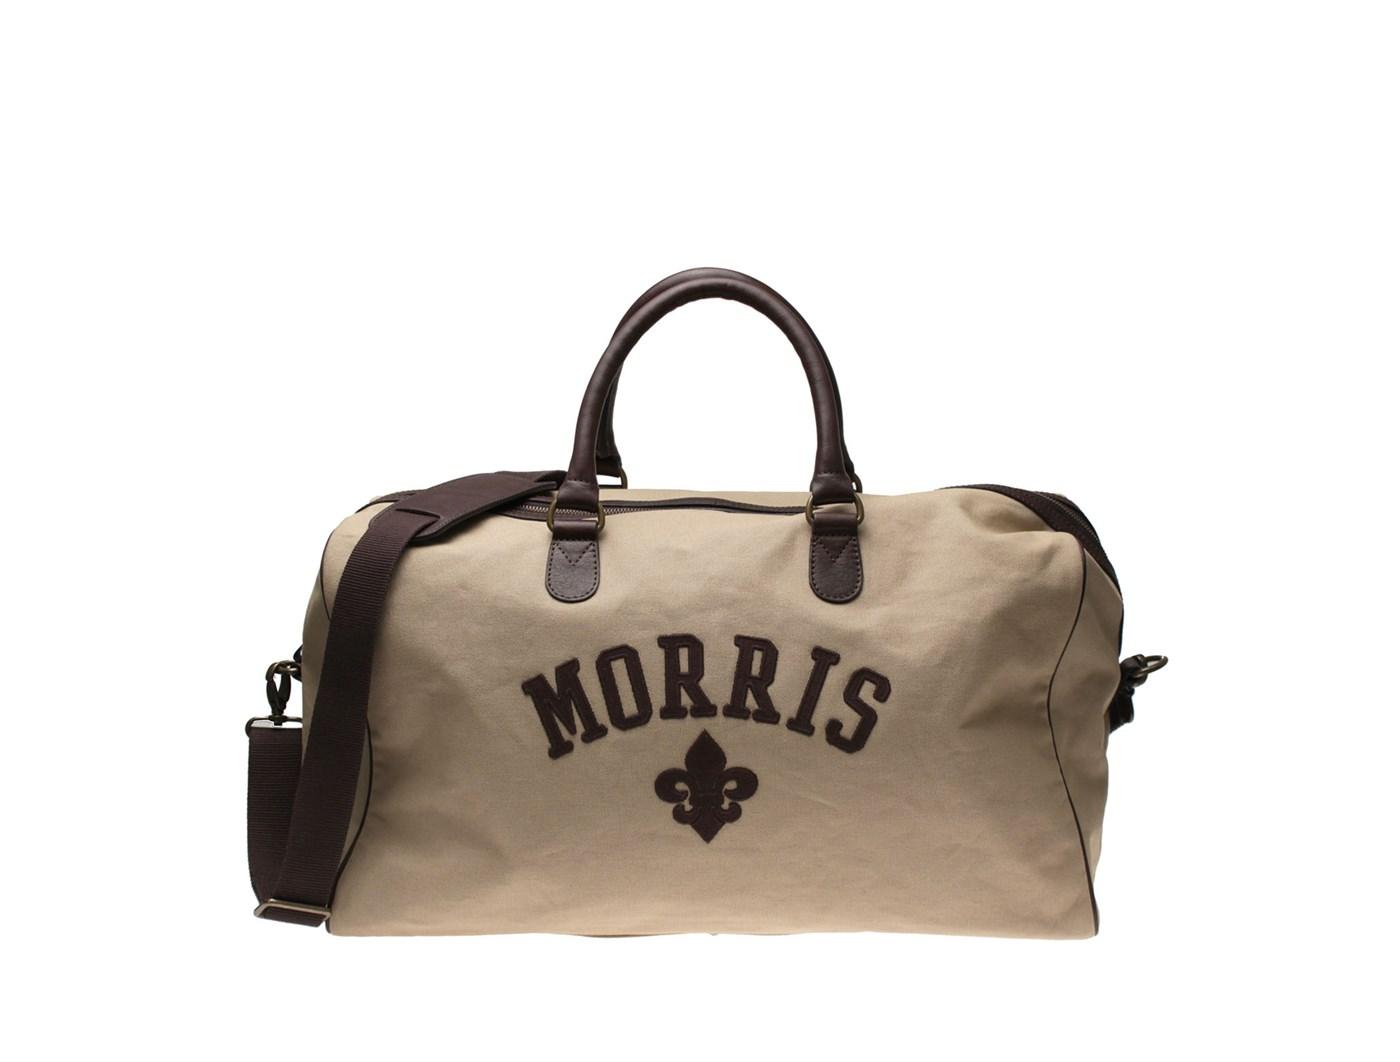 Morris-45016-1-1